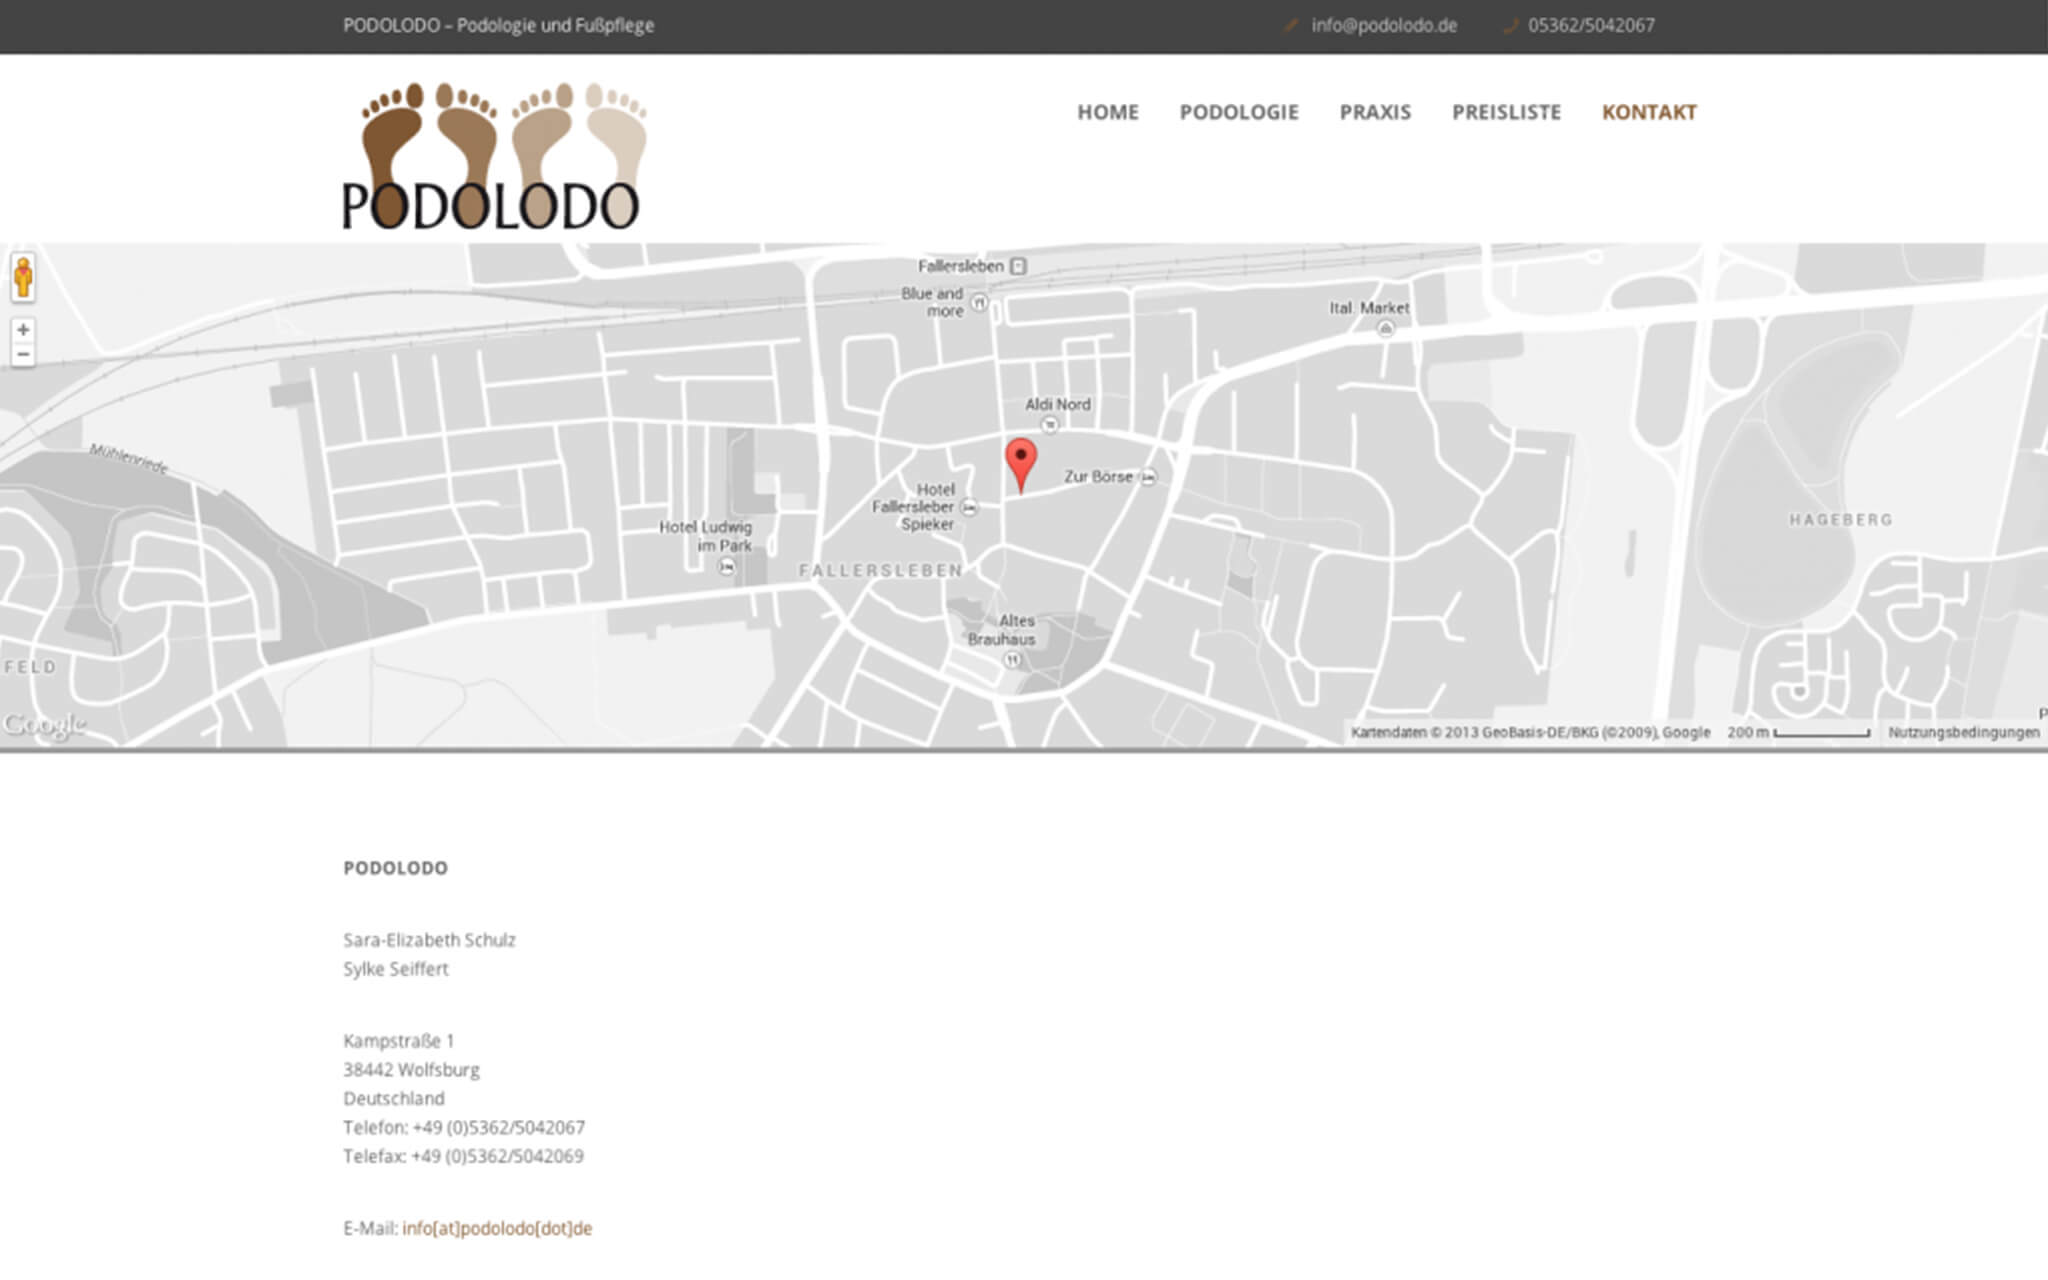 podolodo-website-kontakt-mediarock